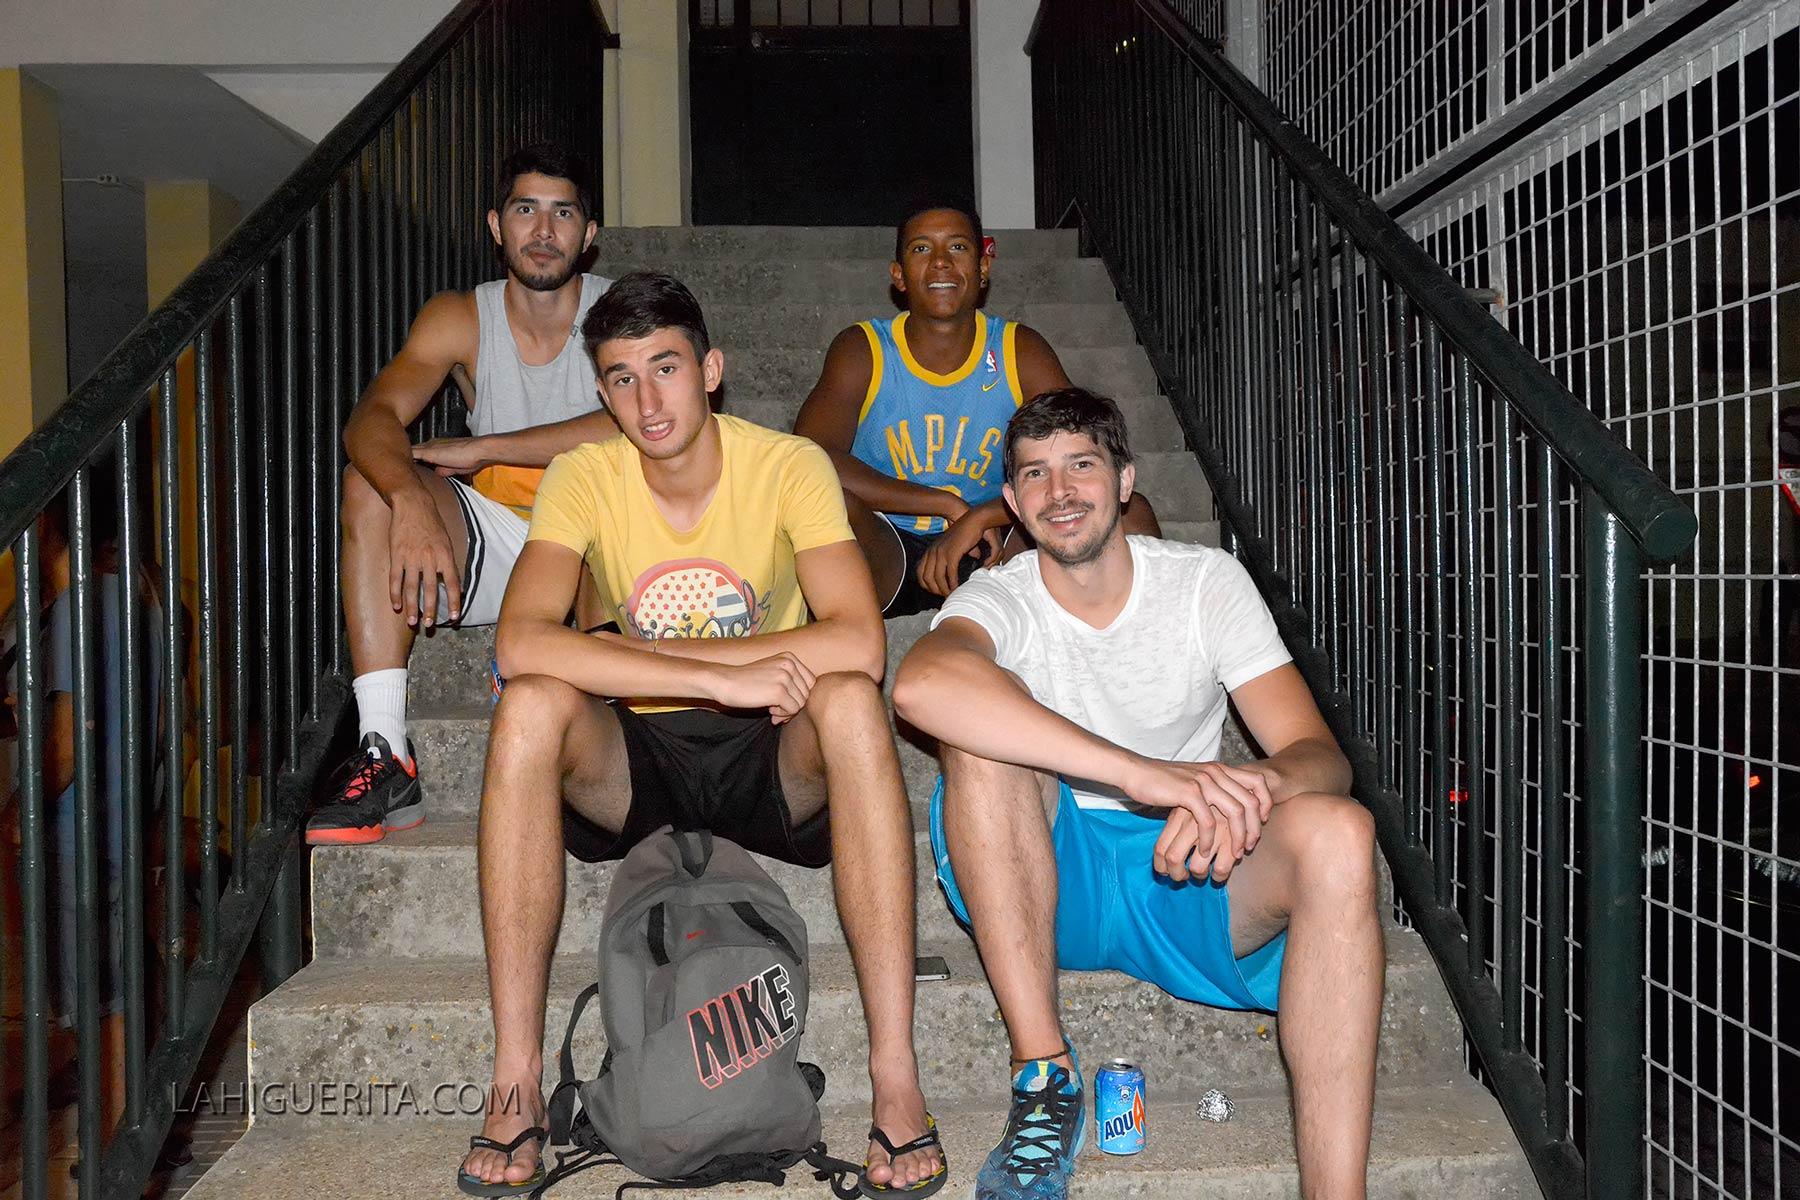 Hoy lunes se reanuda el Torneo de Baloncesto en Isla Cristina